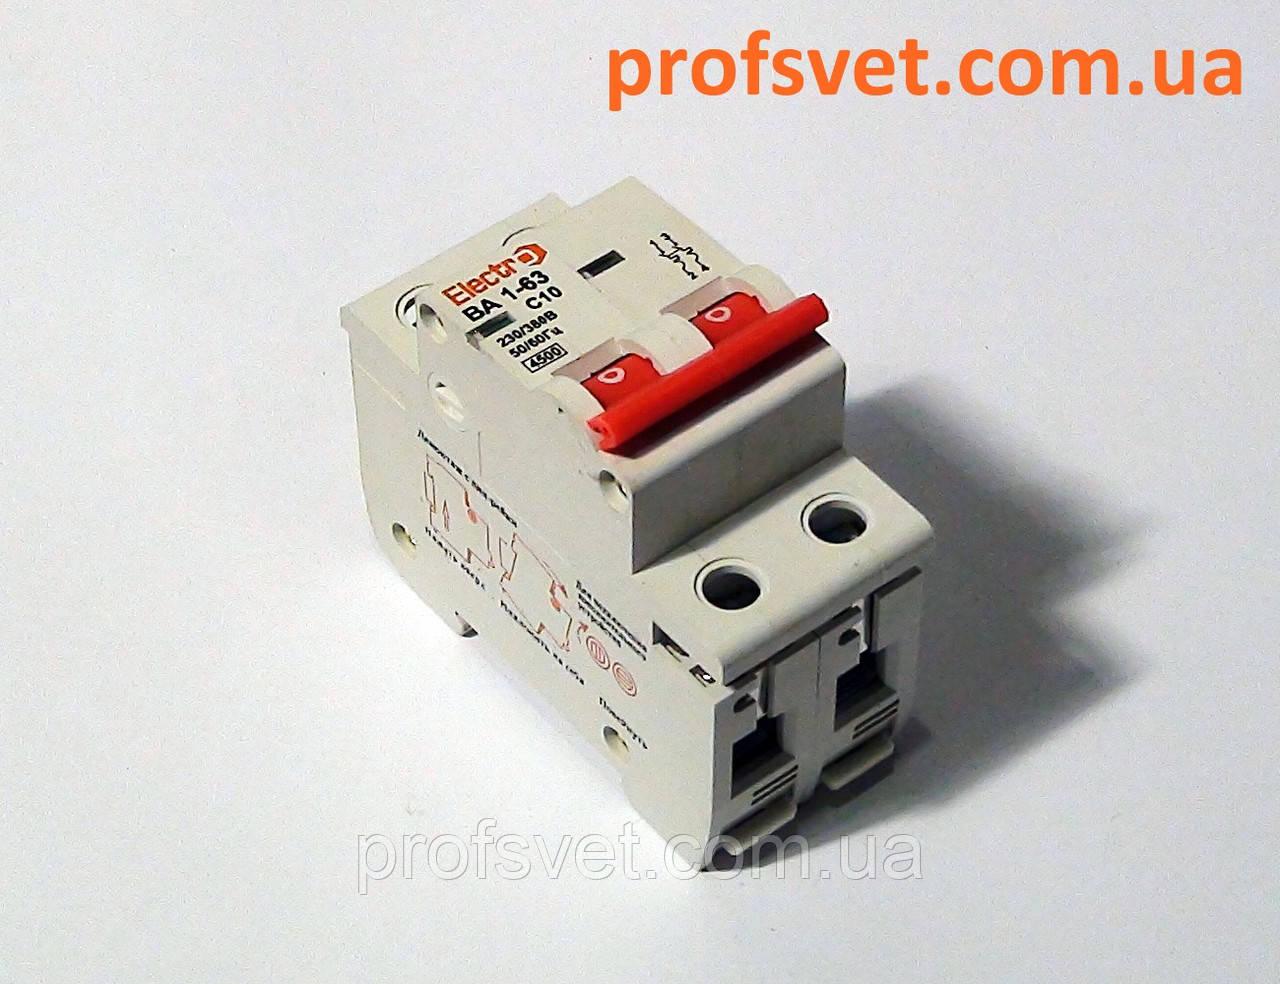 Автомат выключатель двухполюсный 25А тип С